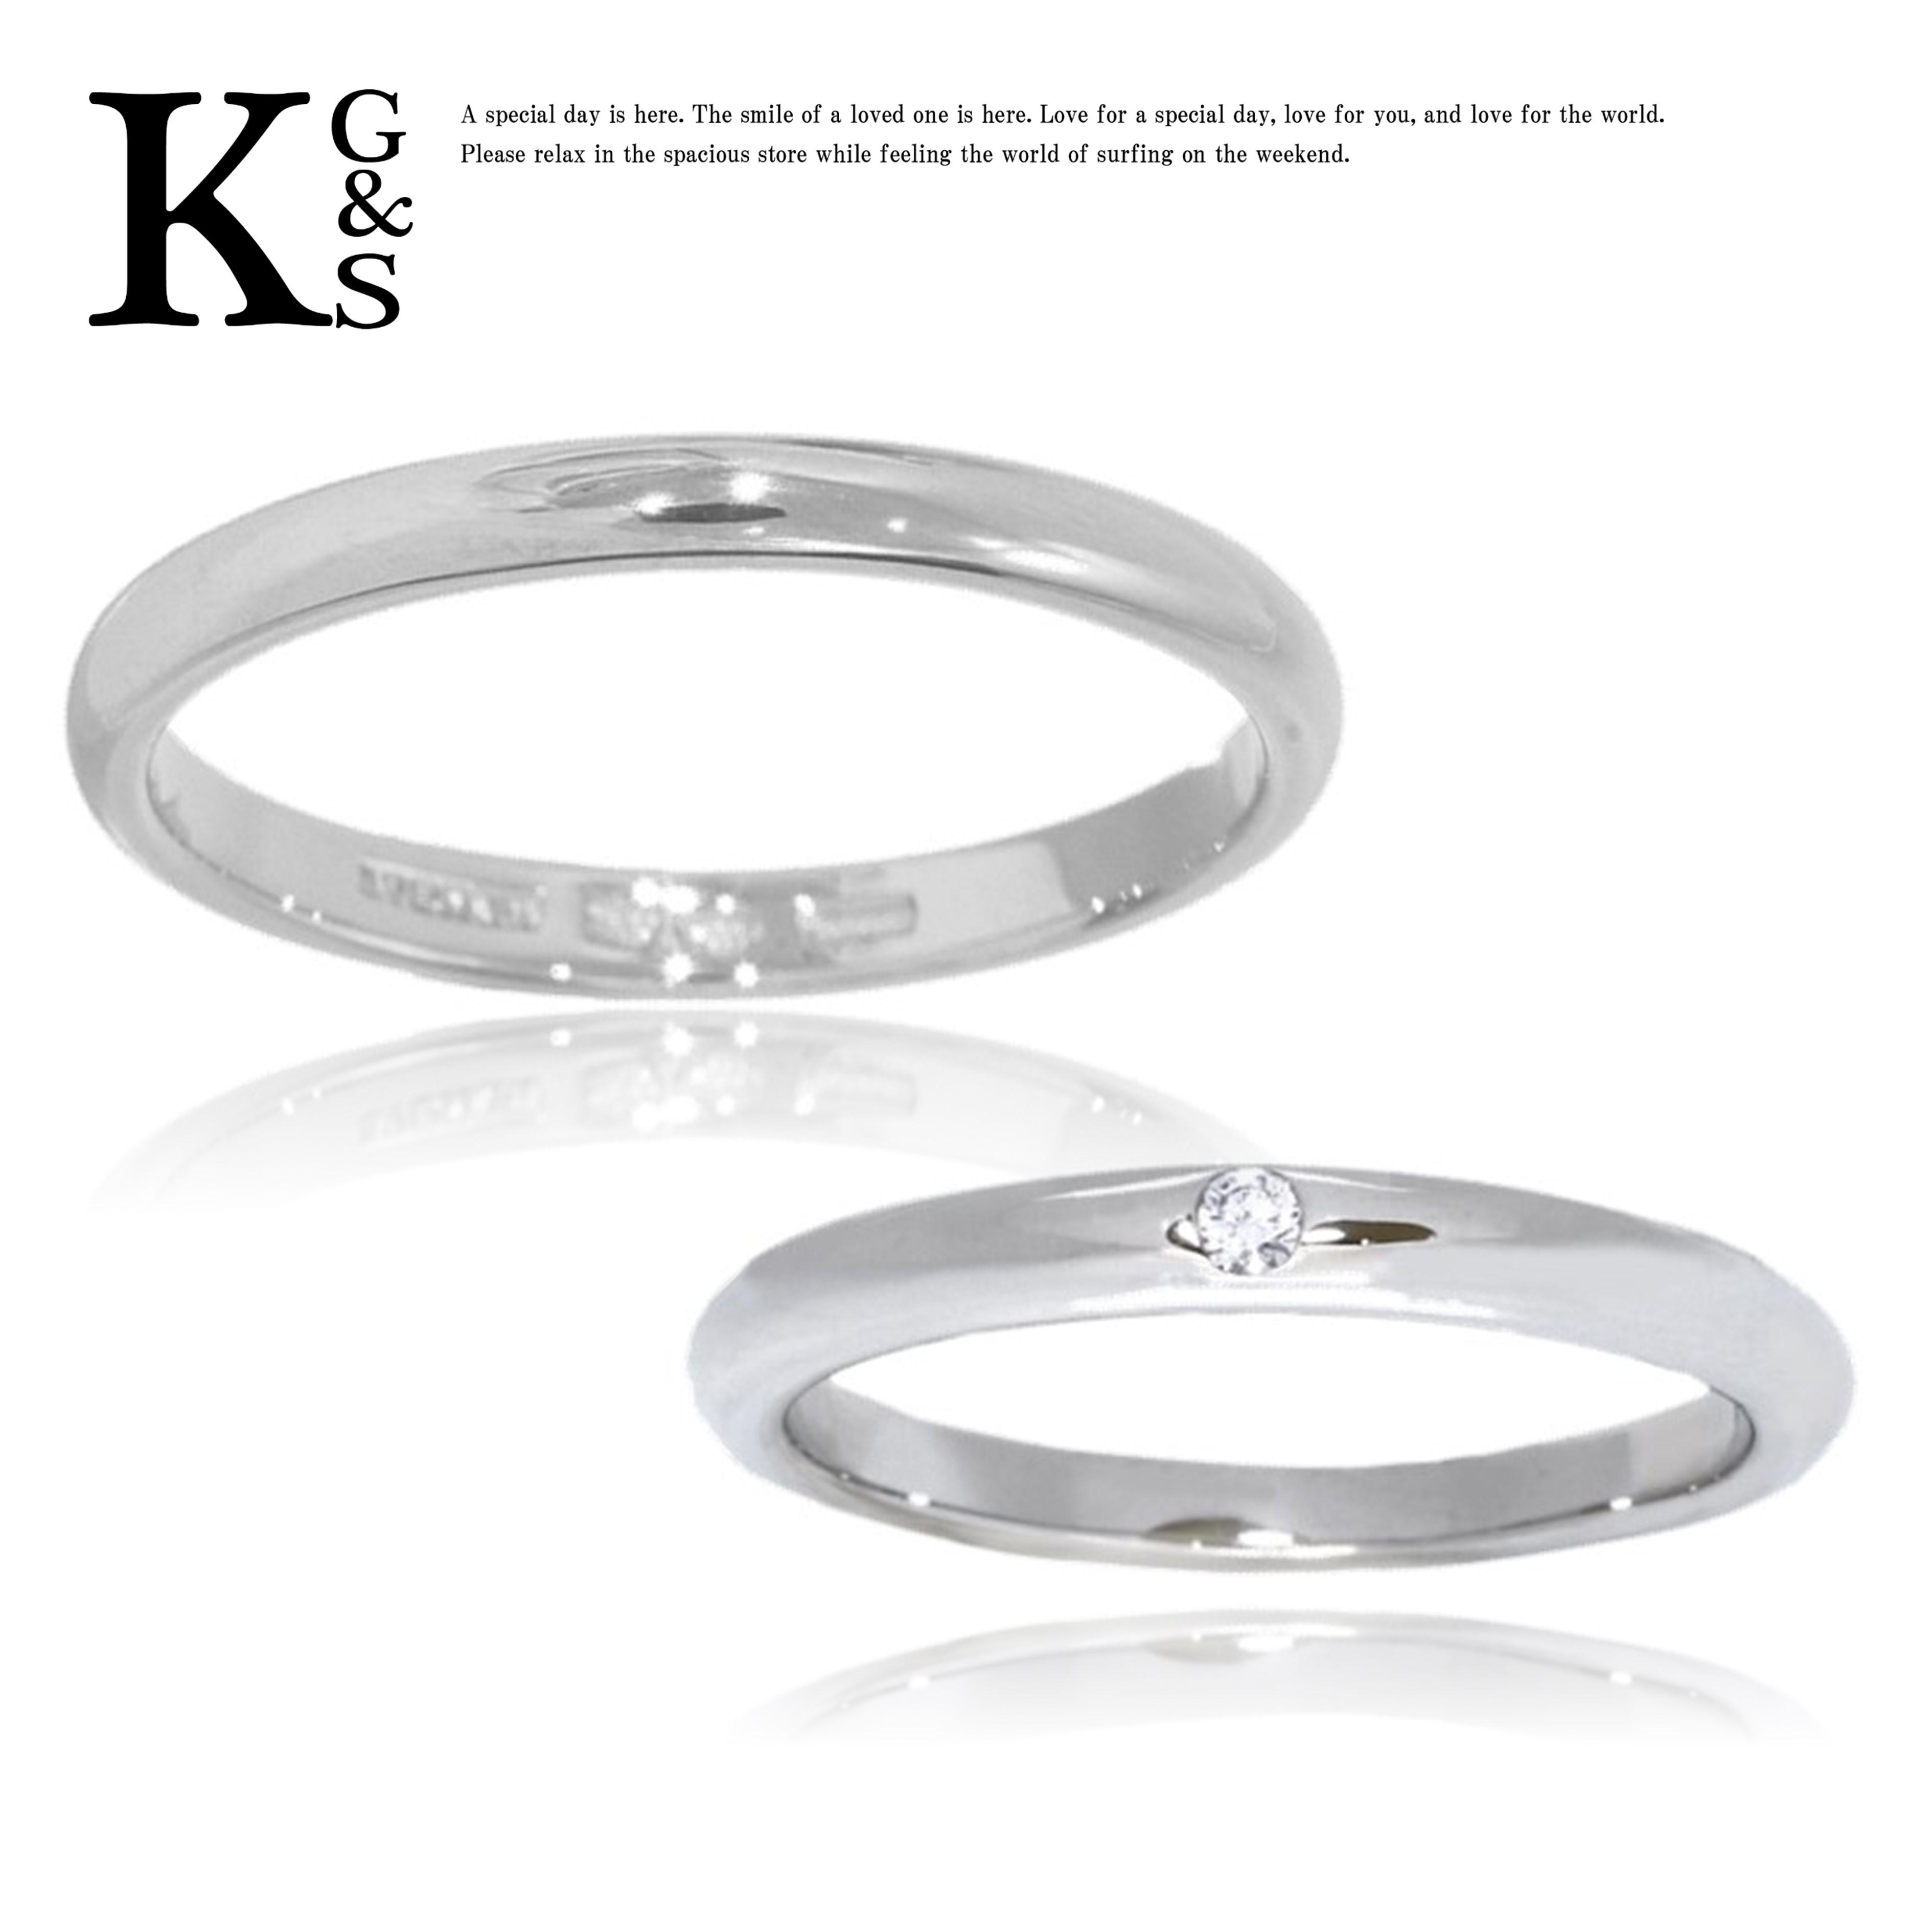 【ギフト品質】【名入れ】ブルガリ/BVLGARI レディース メンズ ジュエリー ペアリング フェディ ウェディング マリッジリング 結婚指輪 プラチナ Pt950 1Pダイヤ